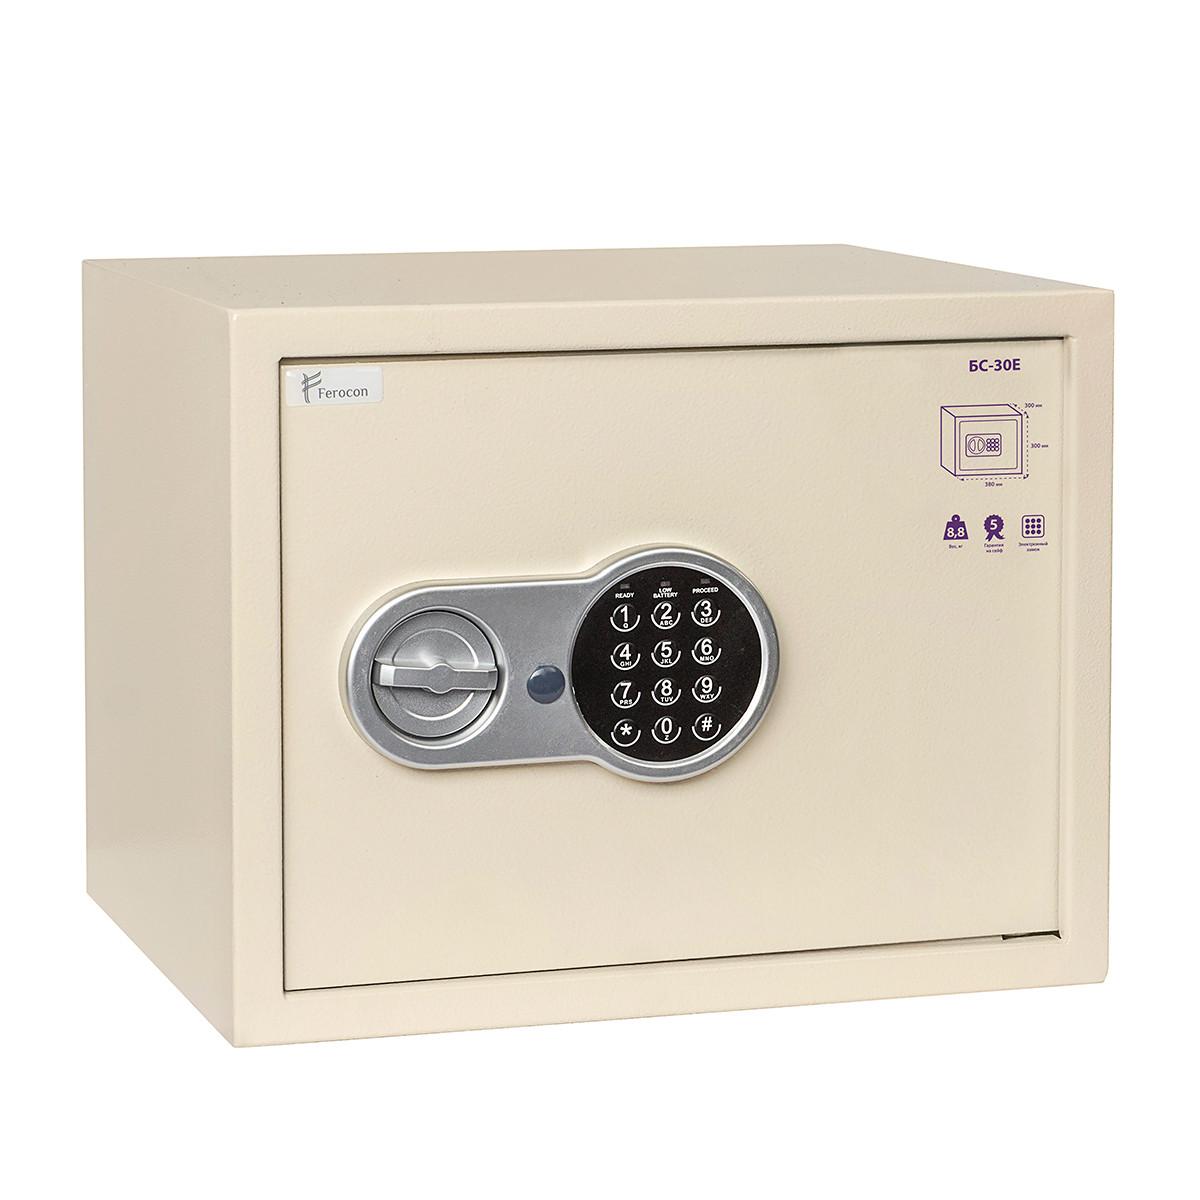 Сейф мебельный Ferocon БС-30Е.П1.1013 электронный замок